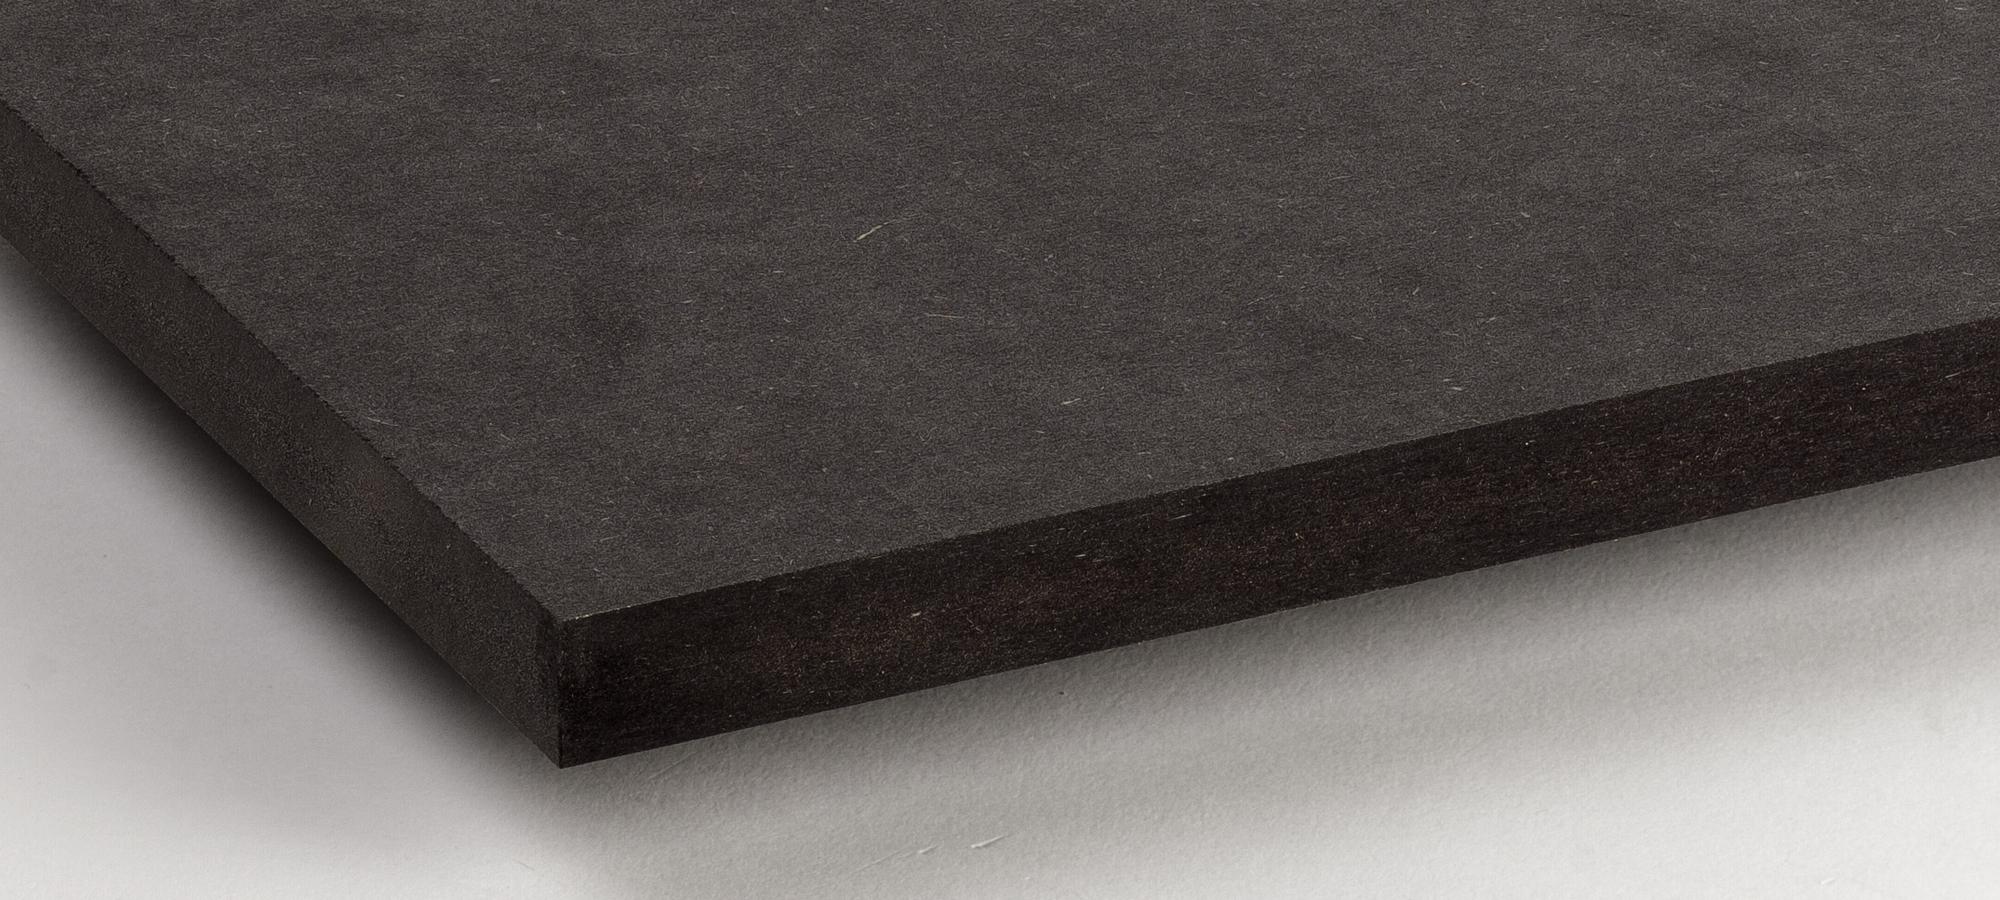 DM Coloreado Negro - Grosores desde 10 hasta 30mmMedidas: 2440x1220 / 2850x2100 / 3050x1220Precios CARB-2 desde 8,95€/m2Precios Ignífugo desde 17,96€/m2